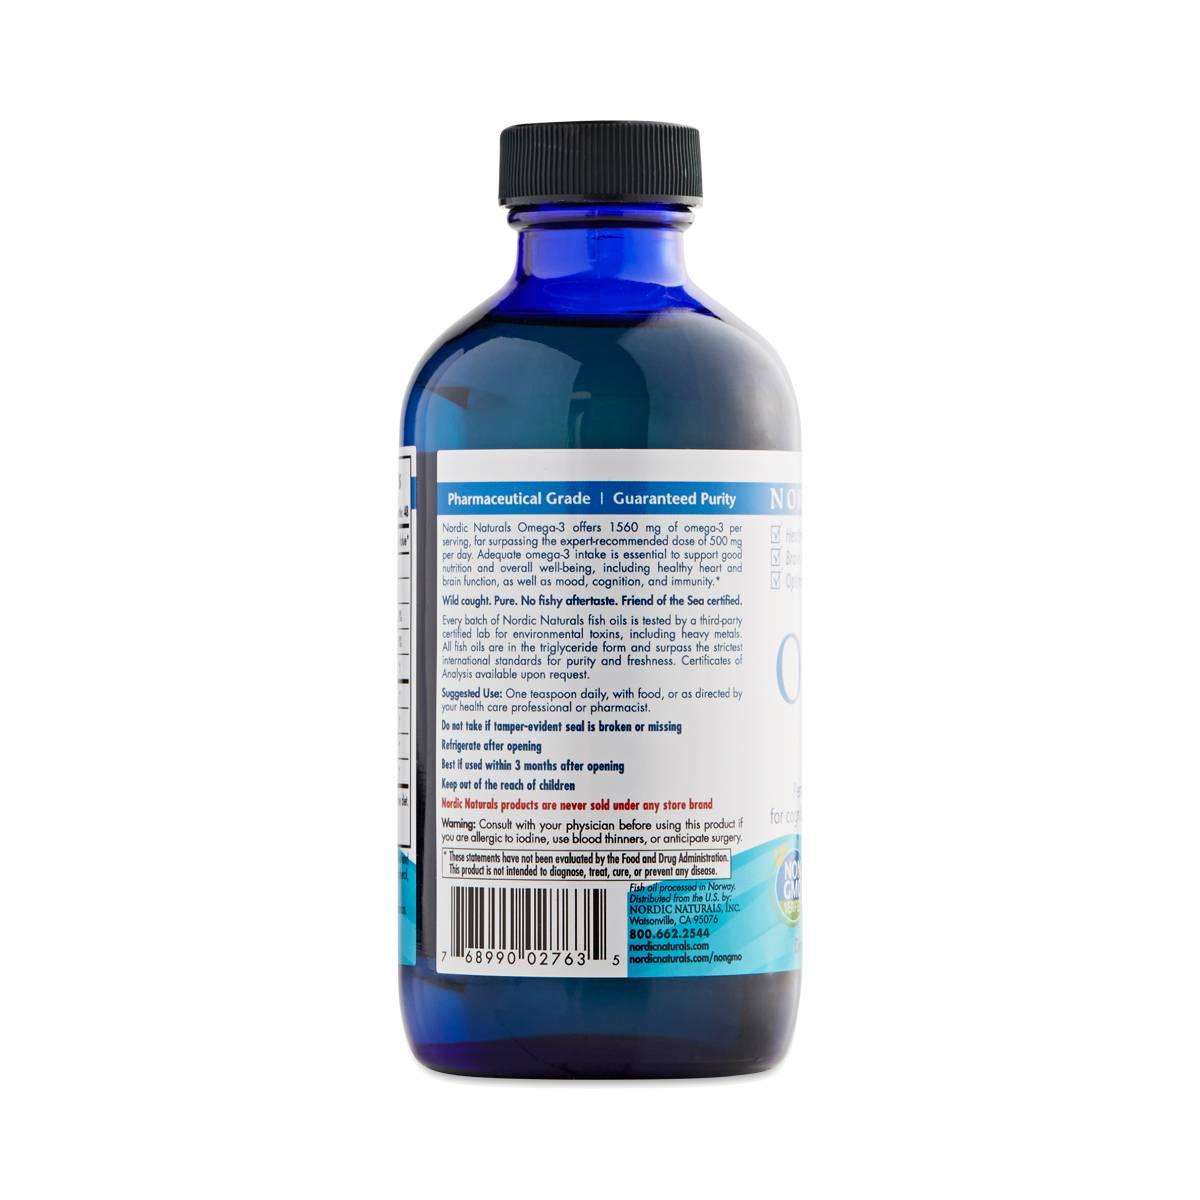 Nordic Naturals Omega  Liquid Fish Oil